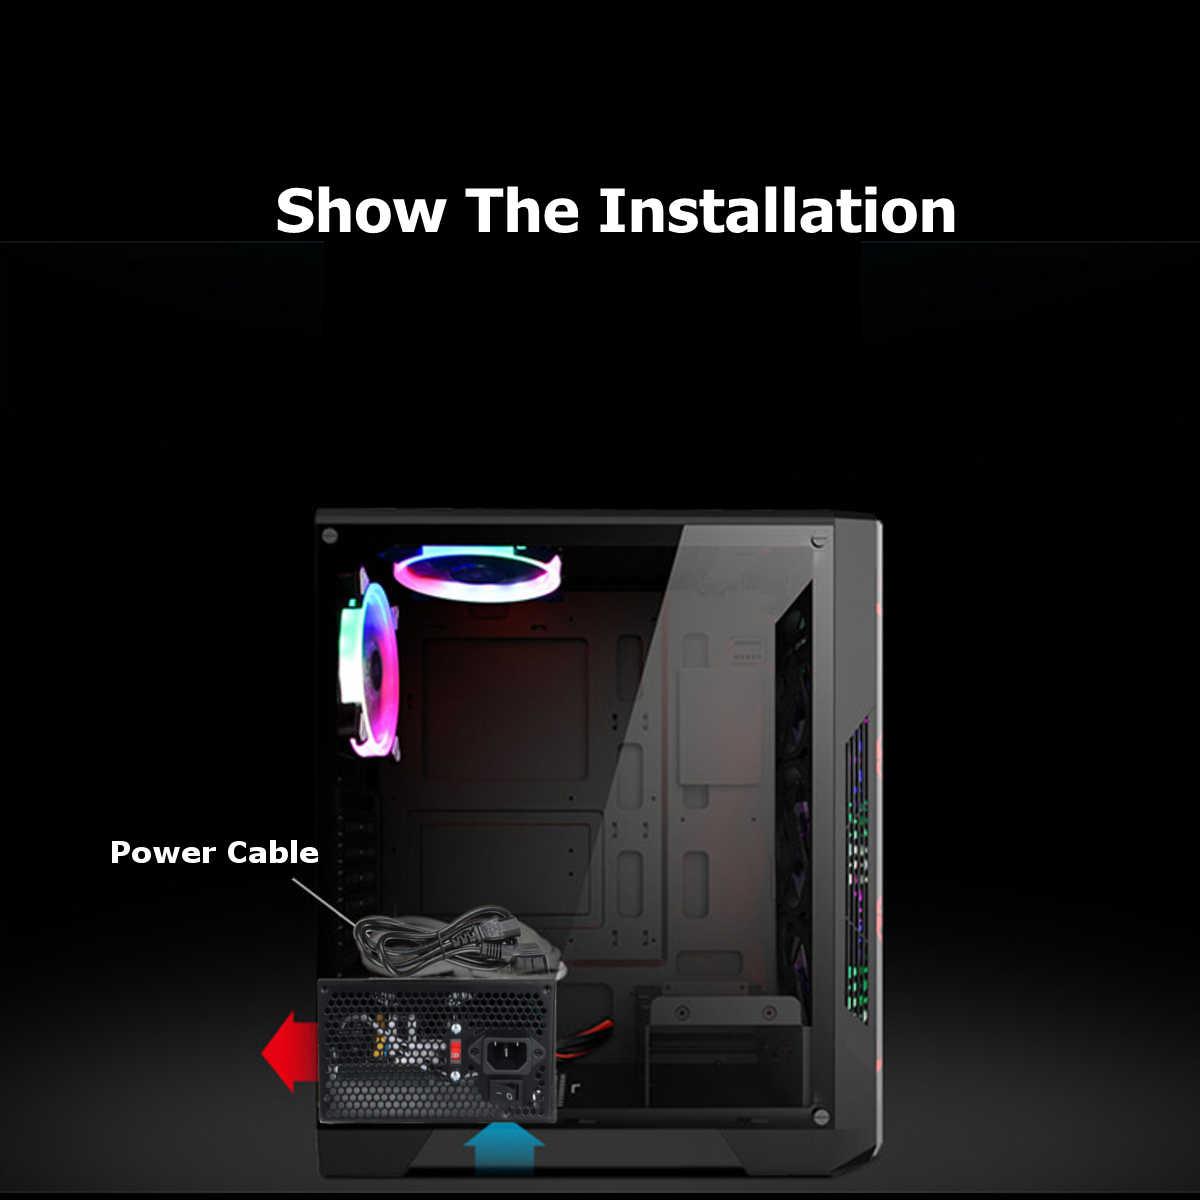 MAX 600W zasilacz 12cm wielokolorowe oświetlenie LED wentylator pasywny PFC cichy wentylator ATX 24 pin 12V komputer stancjonarny SATA komputer do gier zasilacz